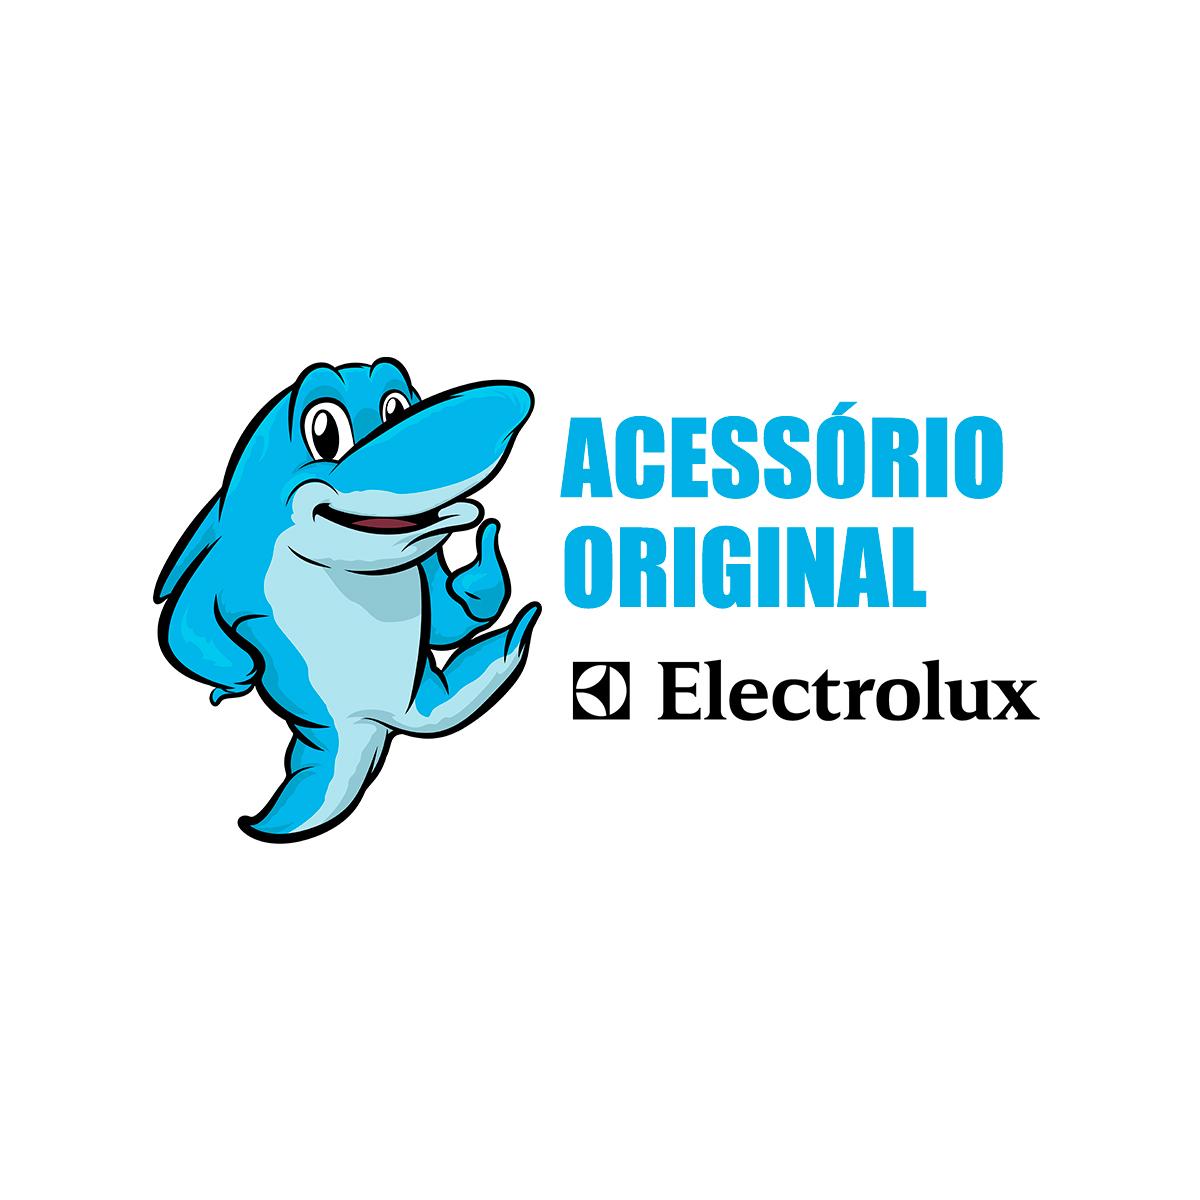 Kit Saco Descartável Para Aspirador Electrolux Clário, Classic Silencer, Jetmaxx, Ultrasilencer, Ultraone, Equipt, Powerforce, Airmaxx, Excellio 3un Original